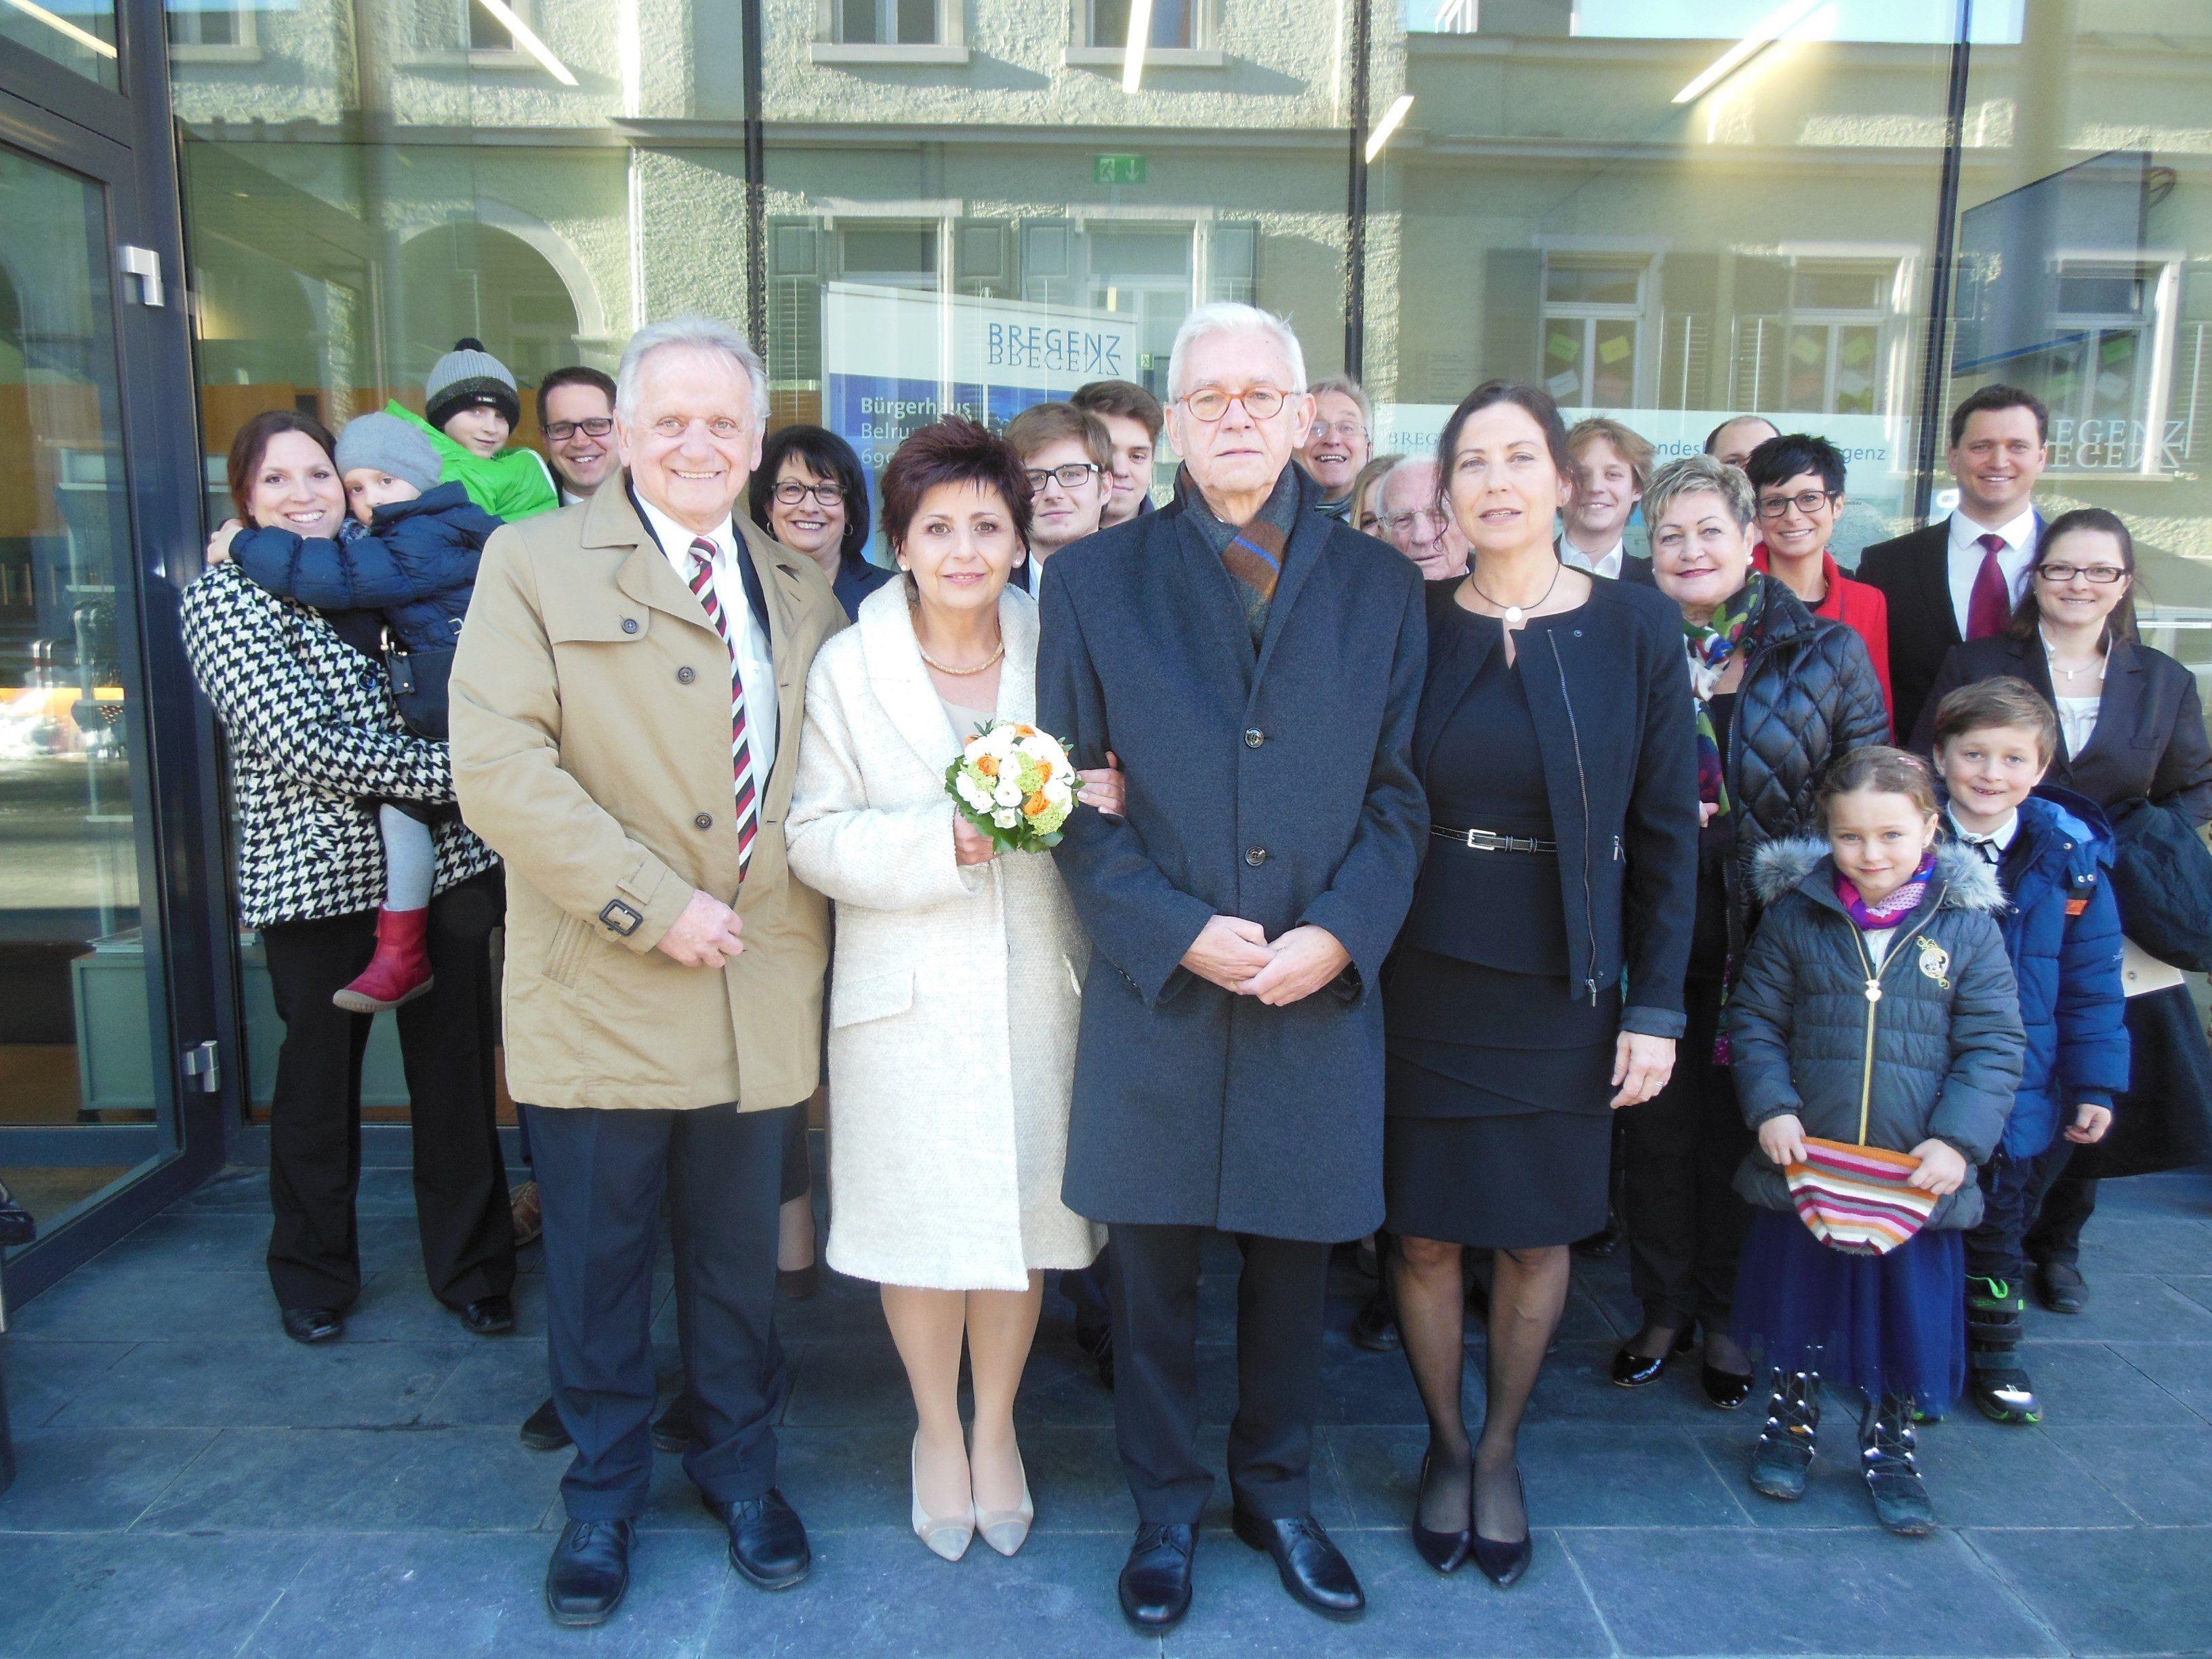 Das glückliche Paar mit der Hochzeitsgesellschaft.